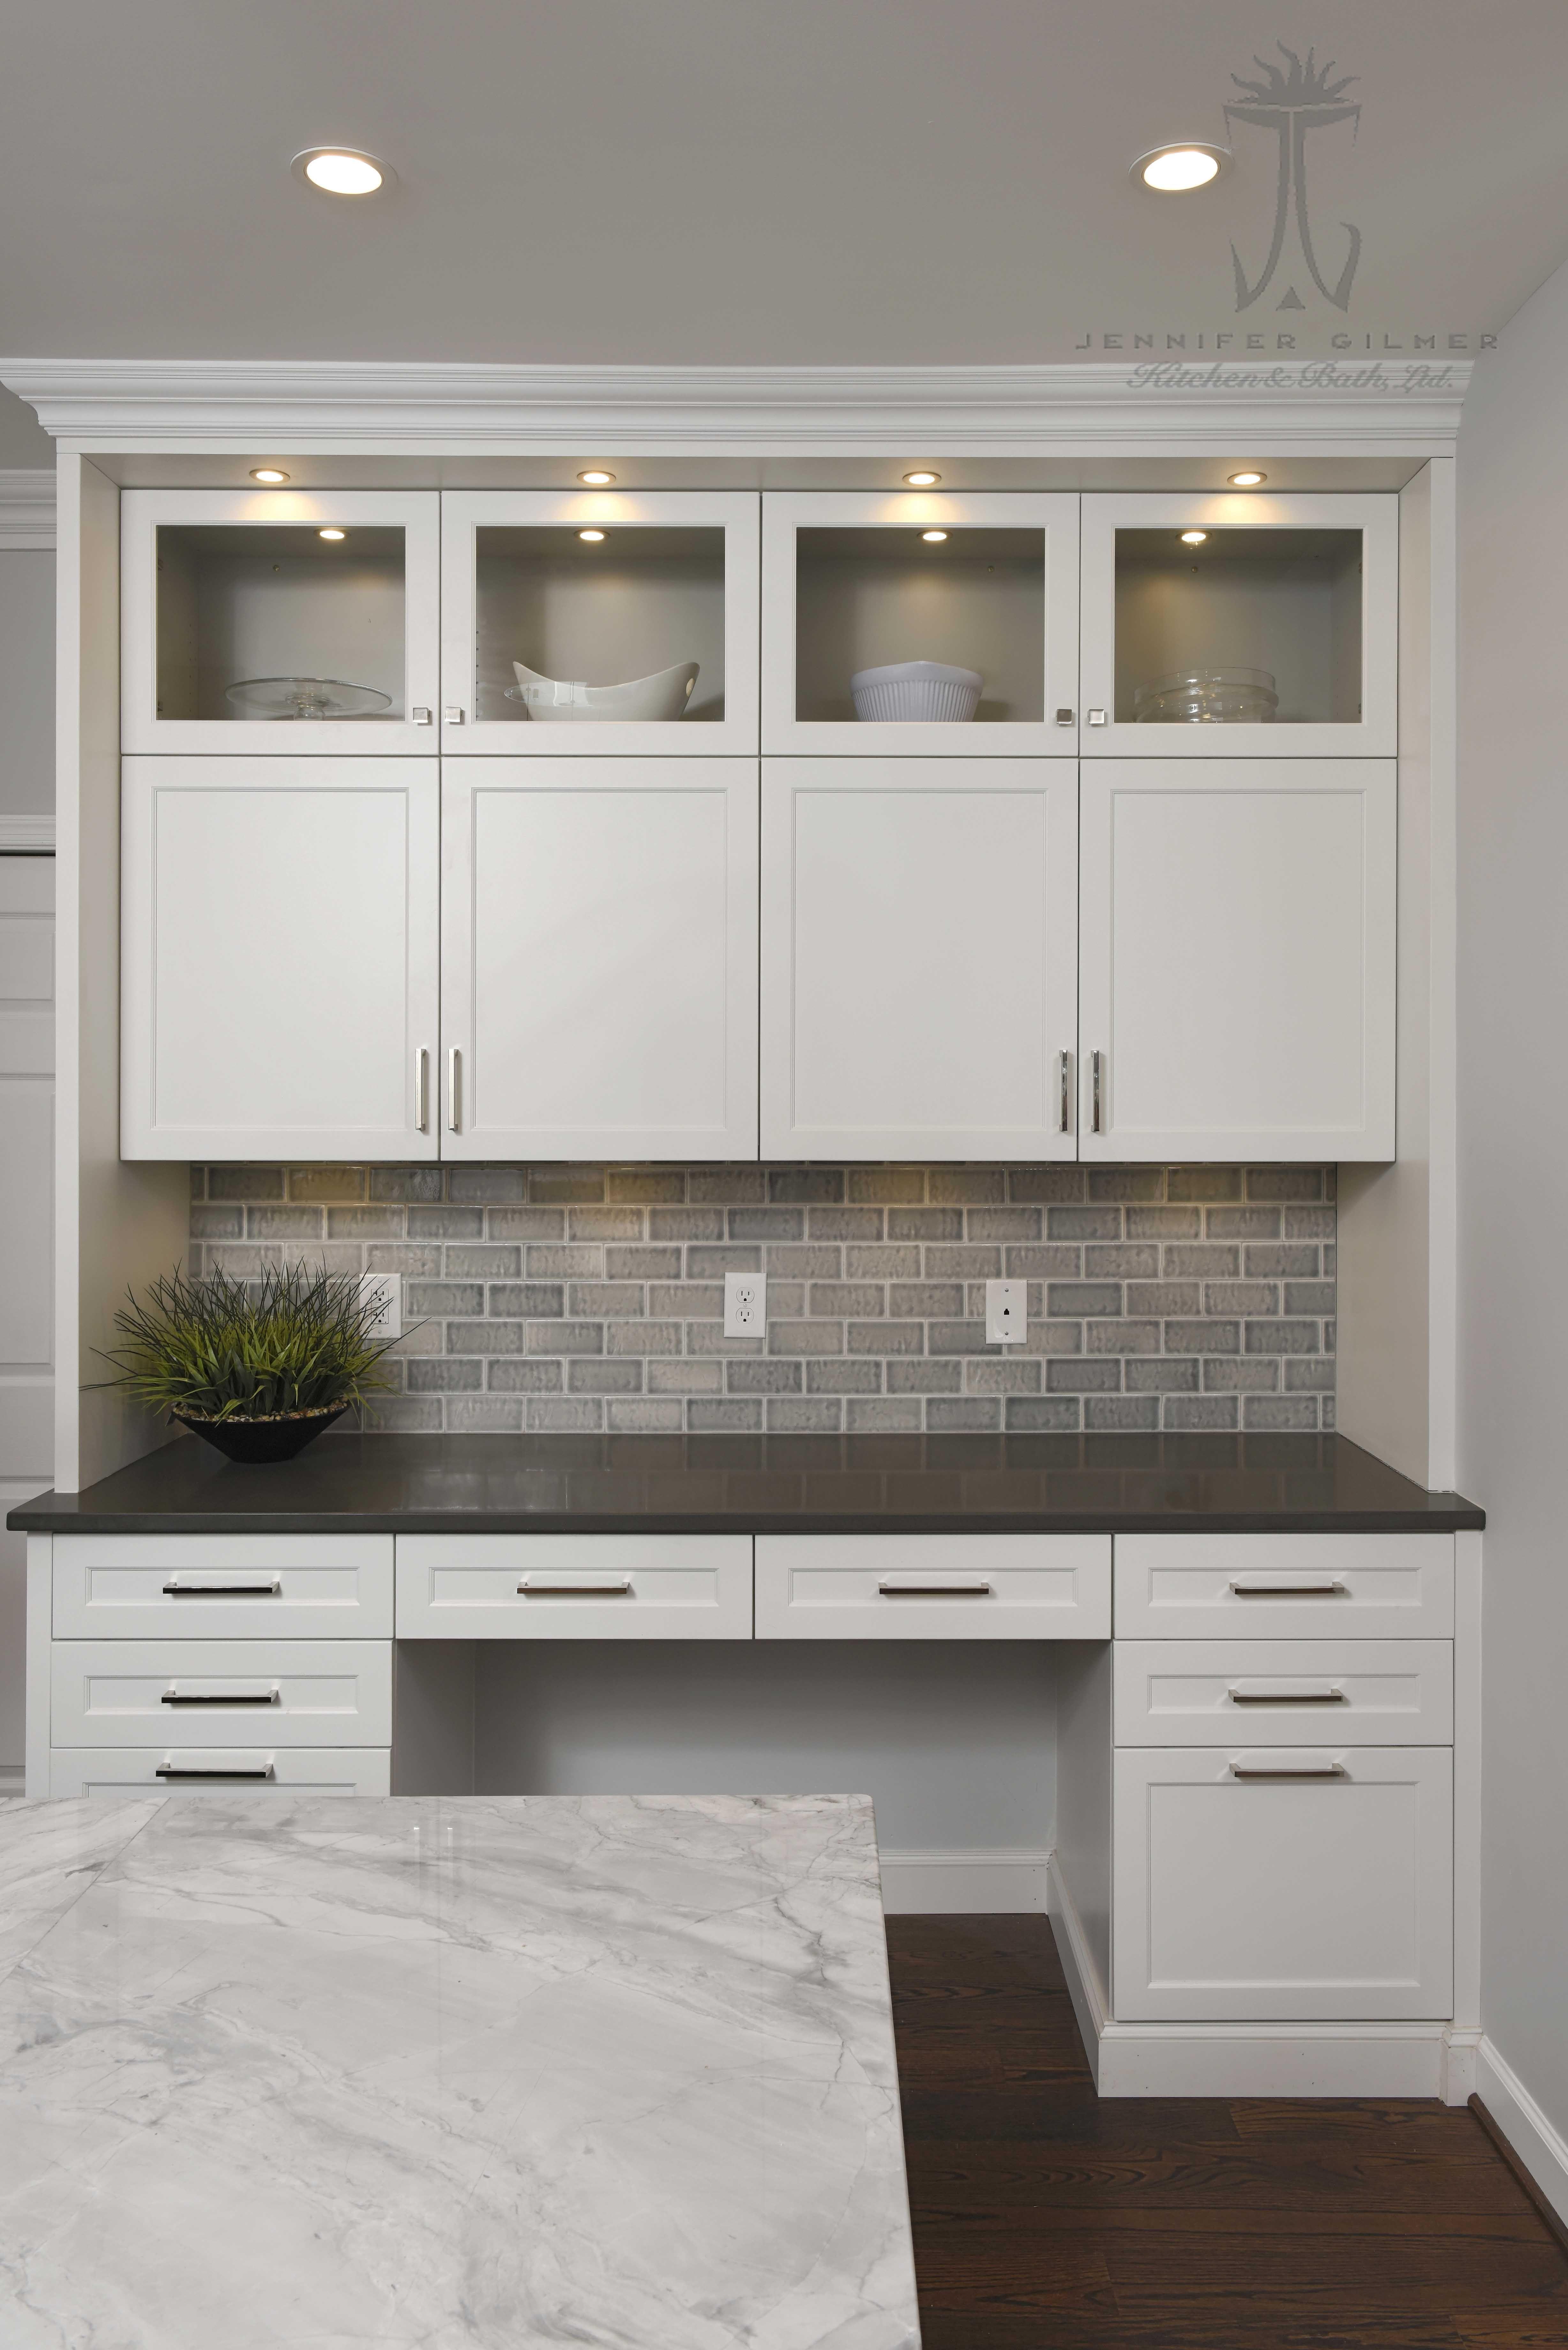 kitchen design#paulbentham4jennifergilmer in bethesda